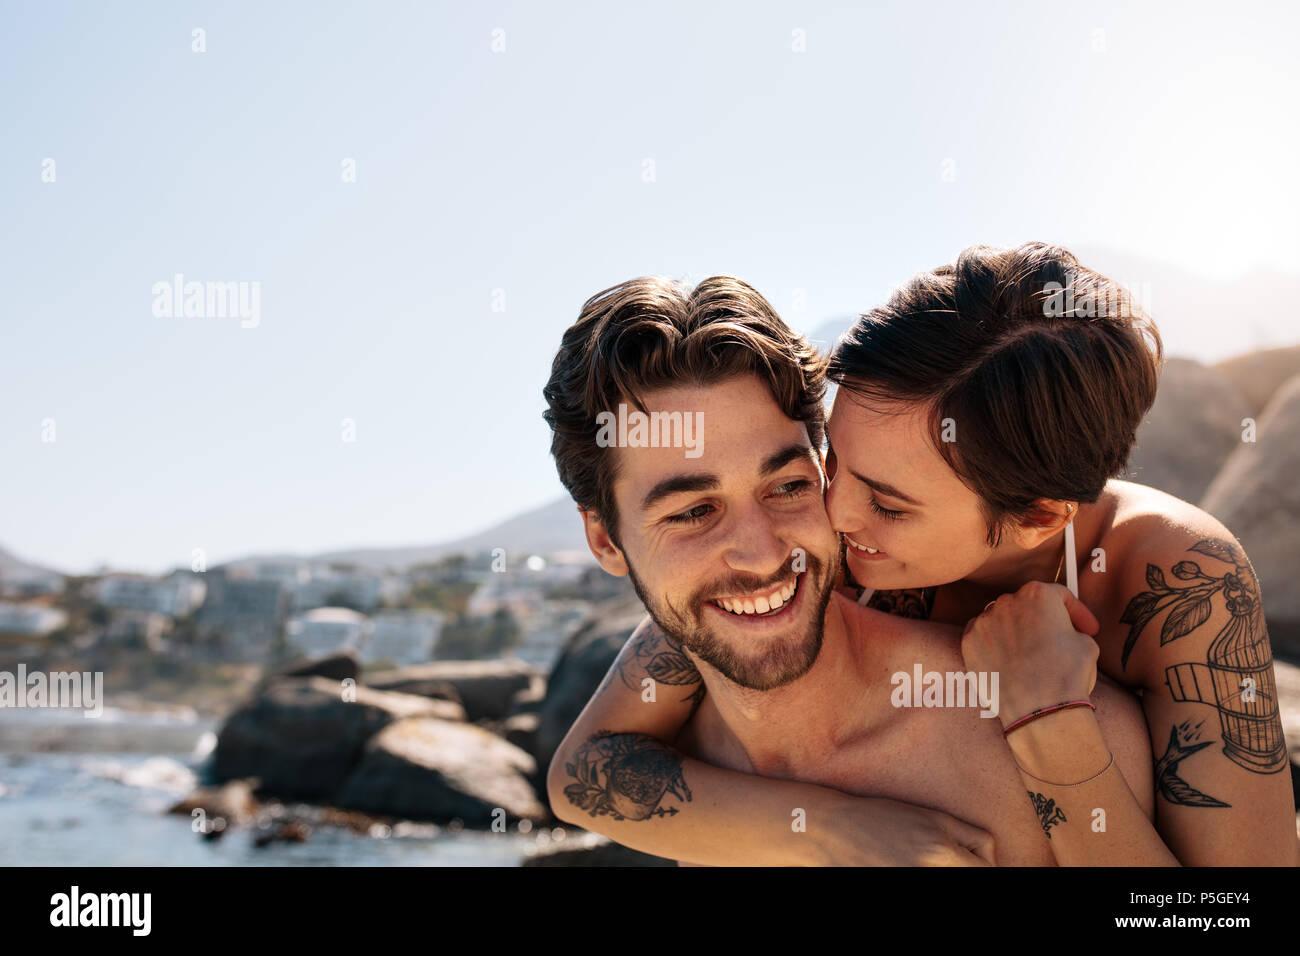 Mujer divirtiéndose caballo piggy back sobre el hombre en la playa. Pareja de turistas en un ambiente romántico y felices disfrutando de unas vacaciones. Imagen De Stock